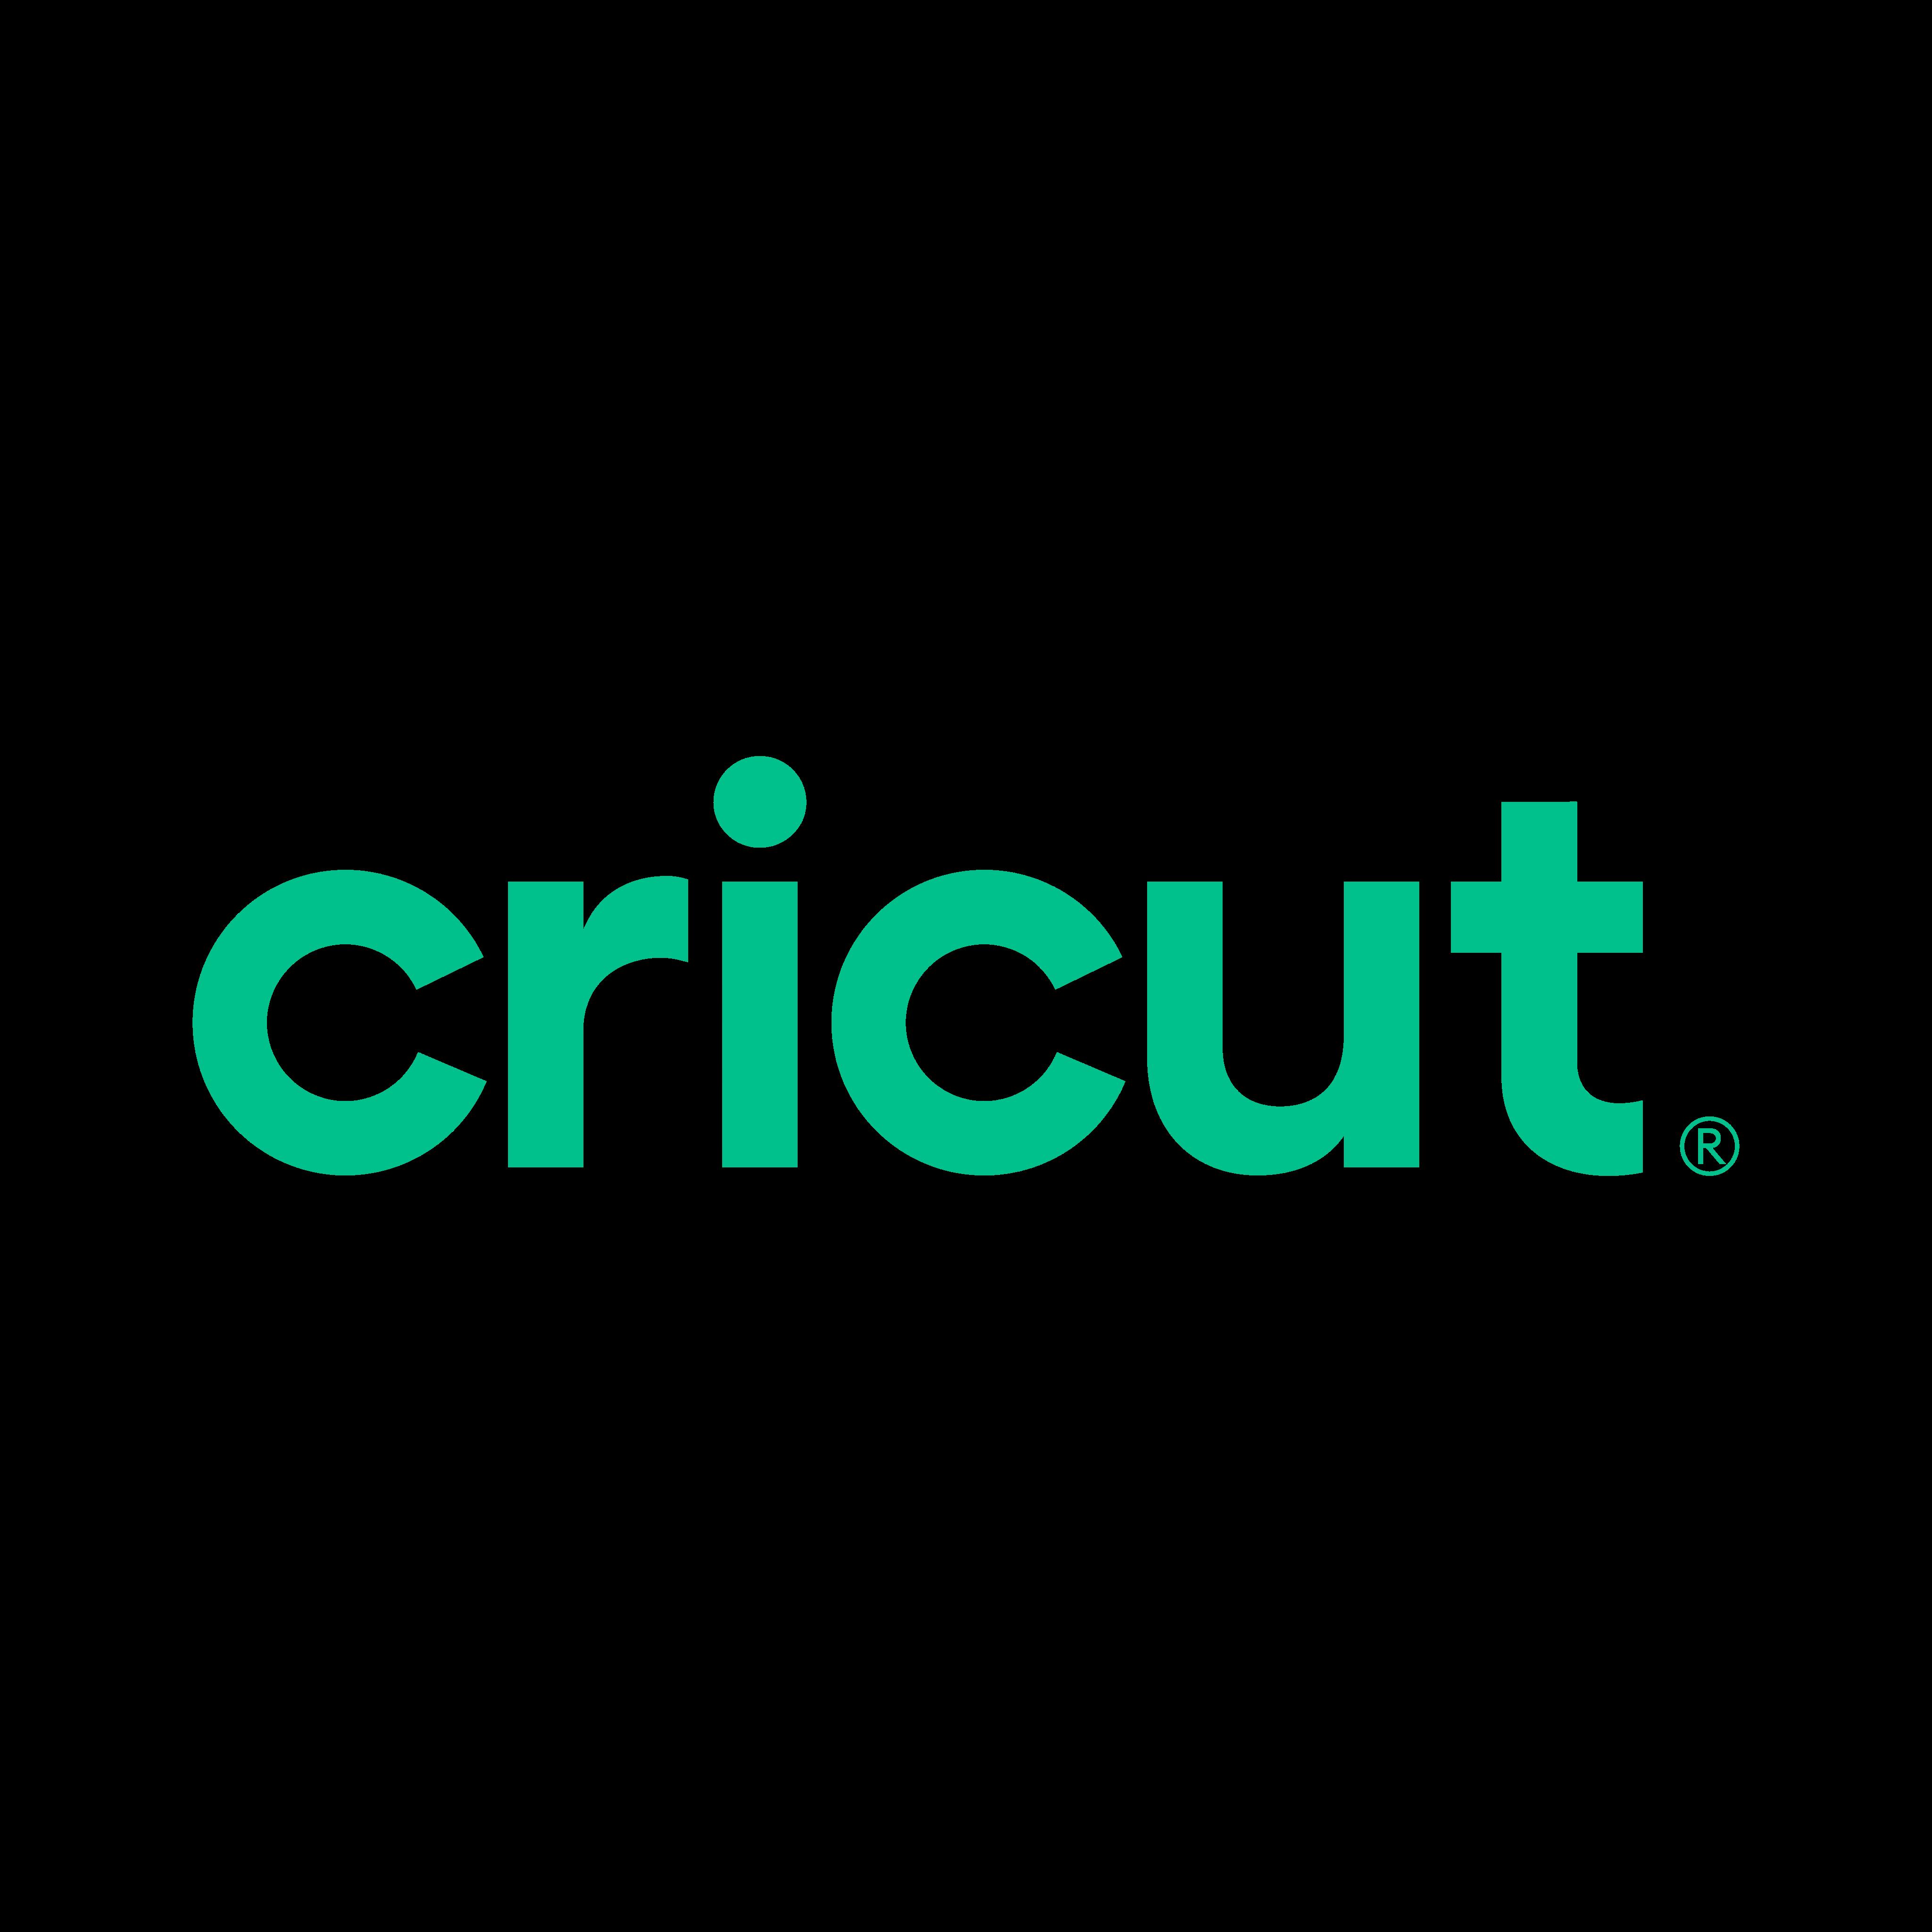 cricut logo 0 - Cricut Logo